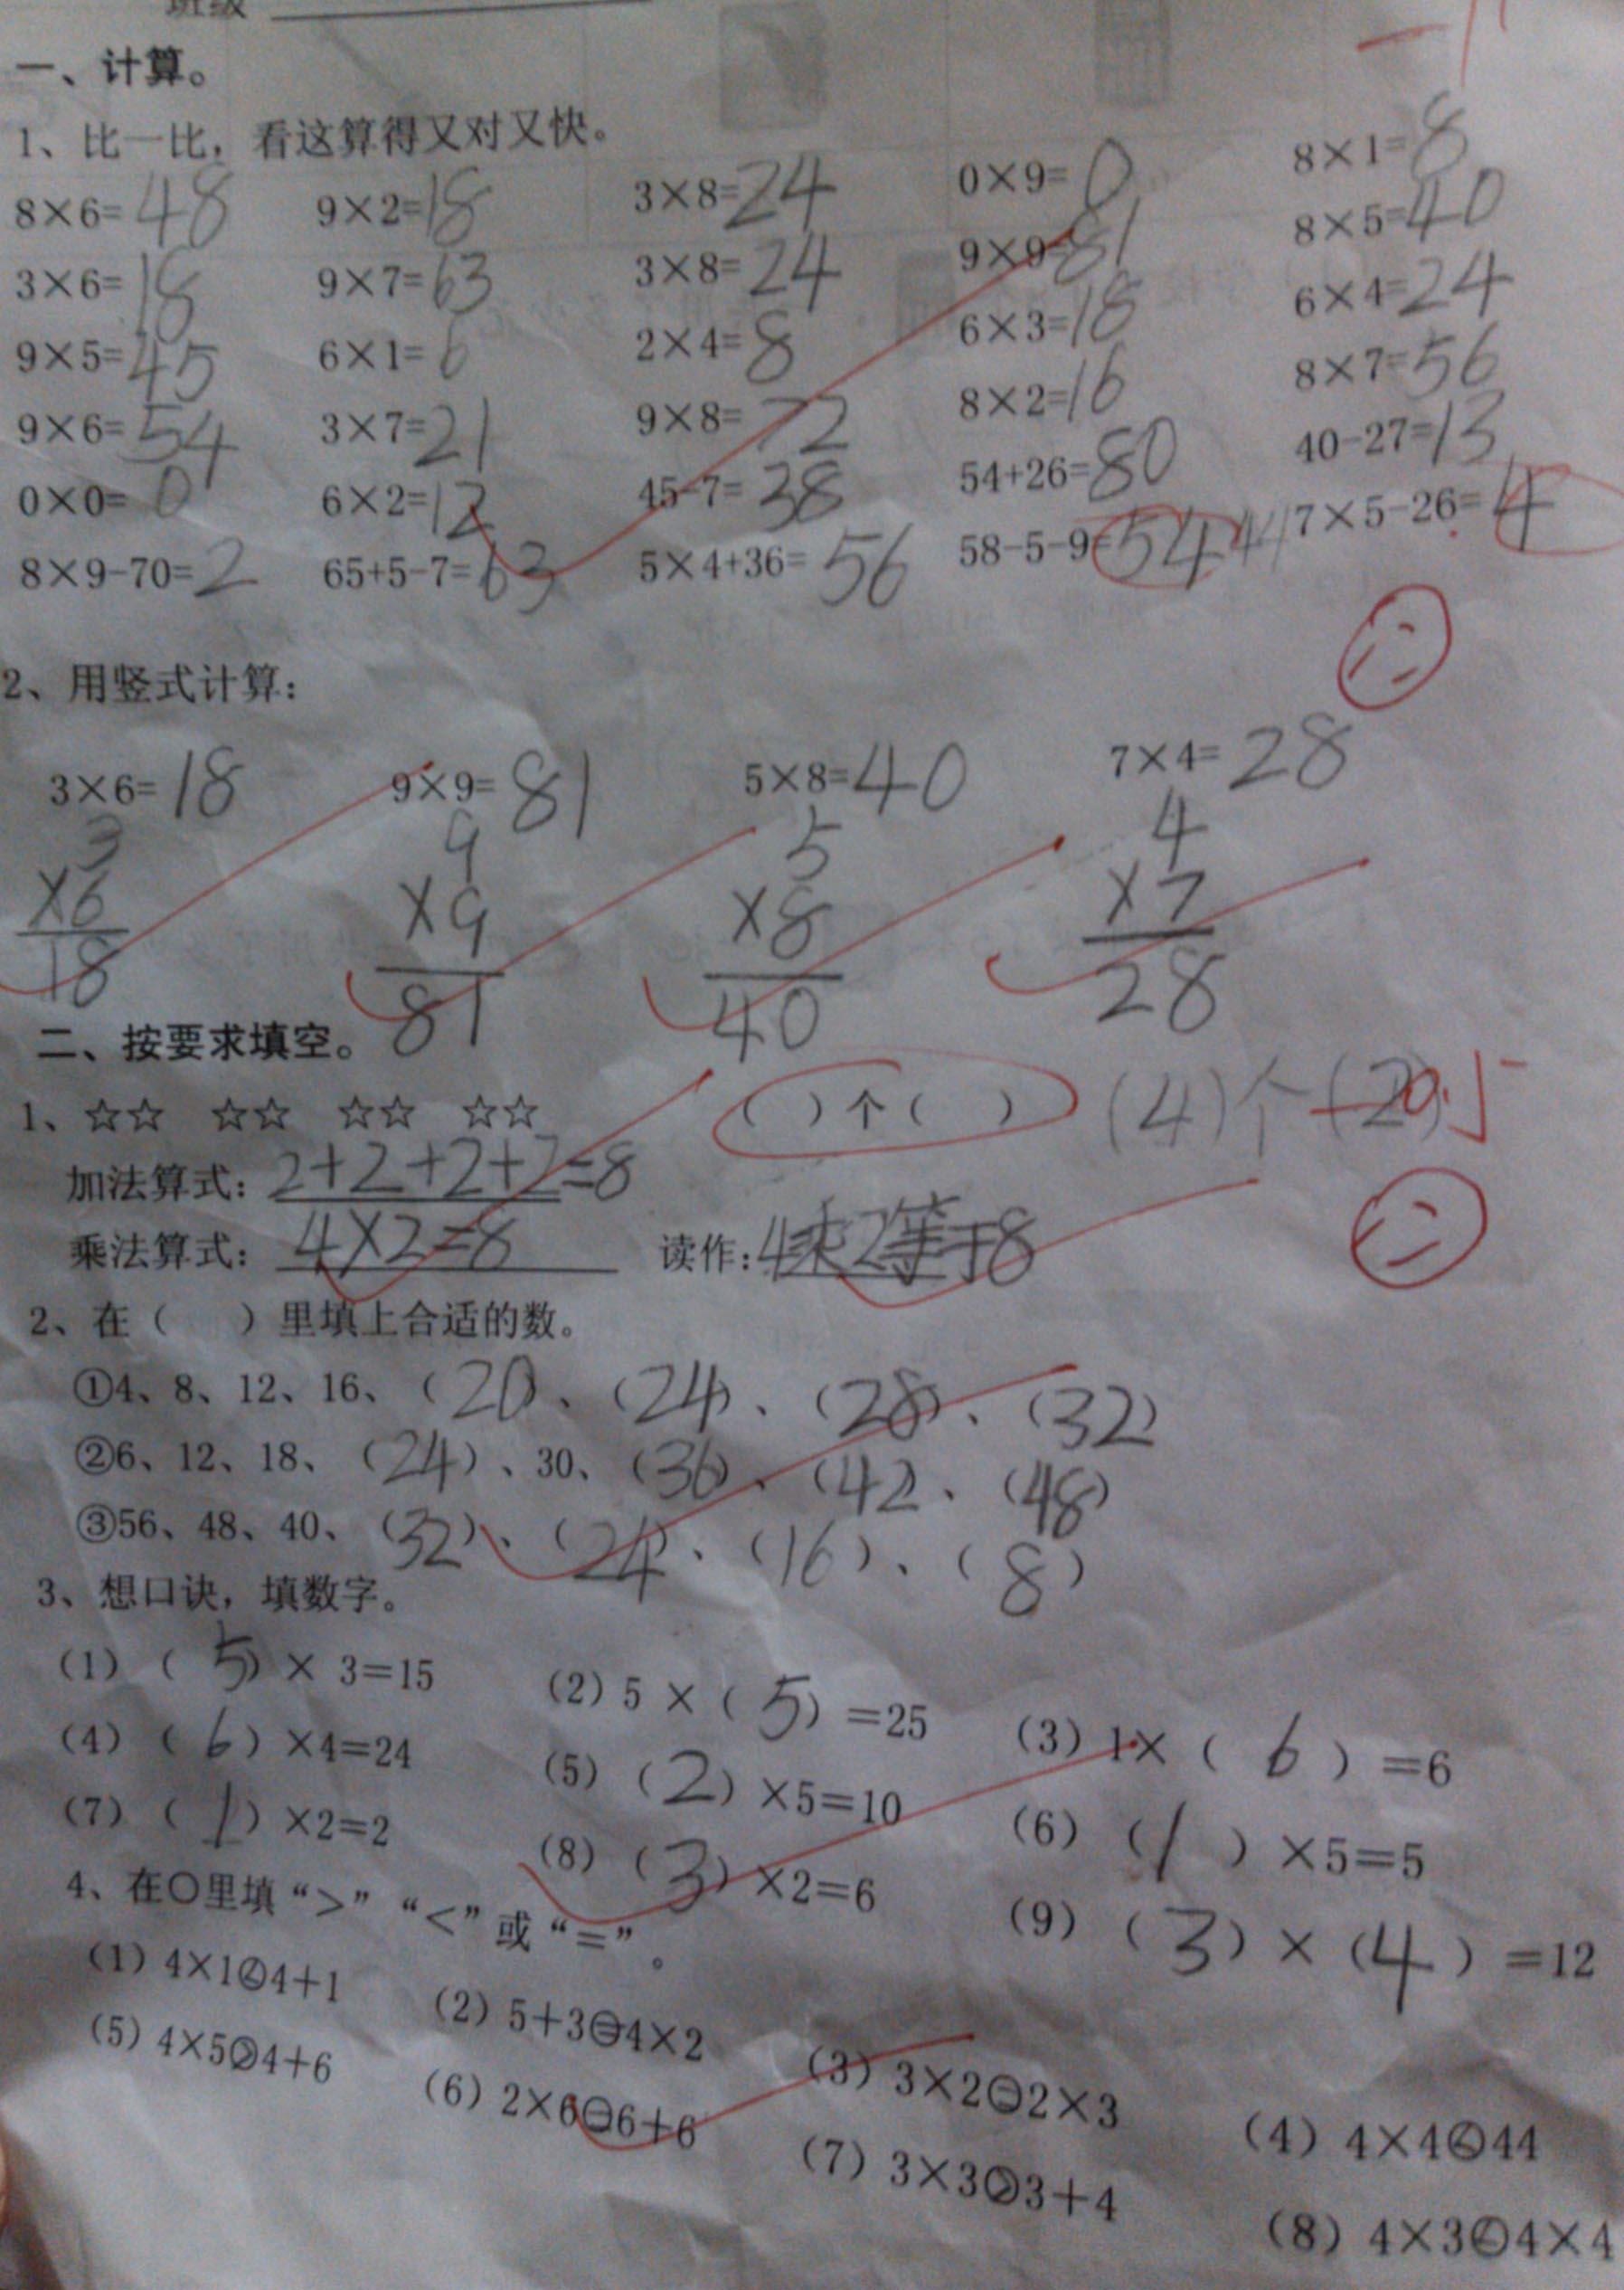 近日,青岛市中小学都进行了2012-2013学年度第一学期的期中考试,且成绩都已经公布。不知各位同学考的如何?又是否已经针对此次考试结果进行了总结与分析呢?今天,小编就为大家分享一份四方区南片二年级数学的期中考试题,并且这位同学的试卷得分很高,可以当作标准答案进行解读哦!在此,也非常感谢小升初交流群——娇娇妈的无私奉献!